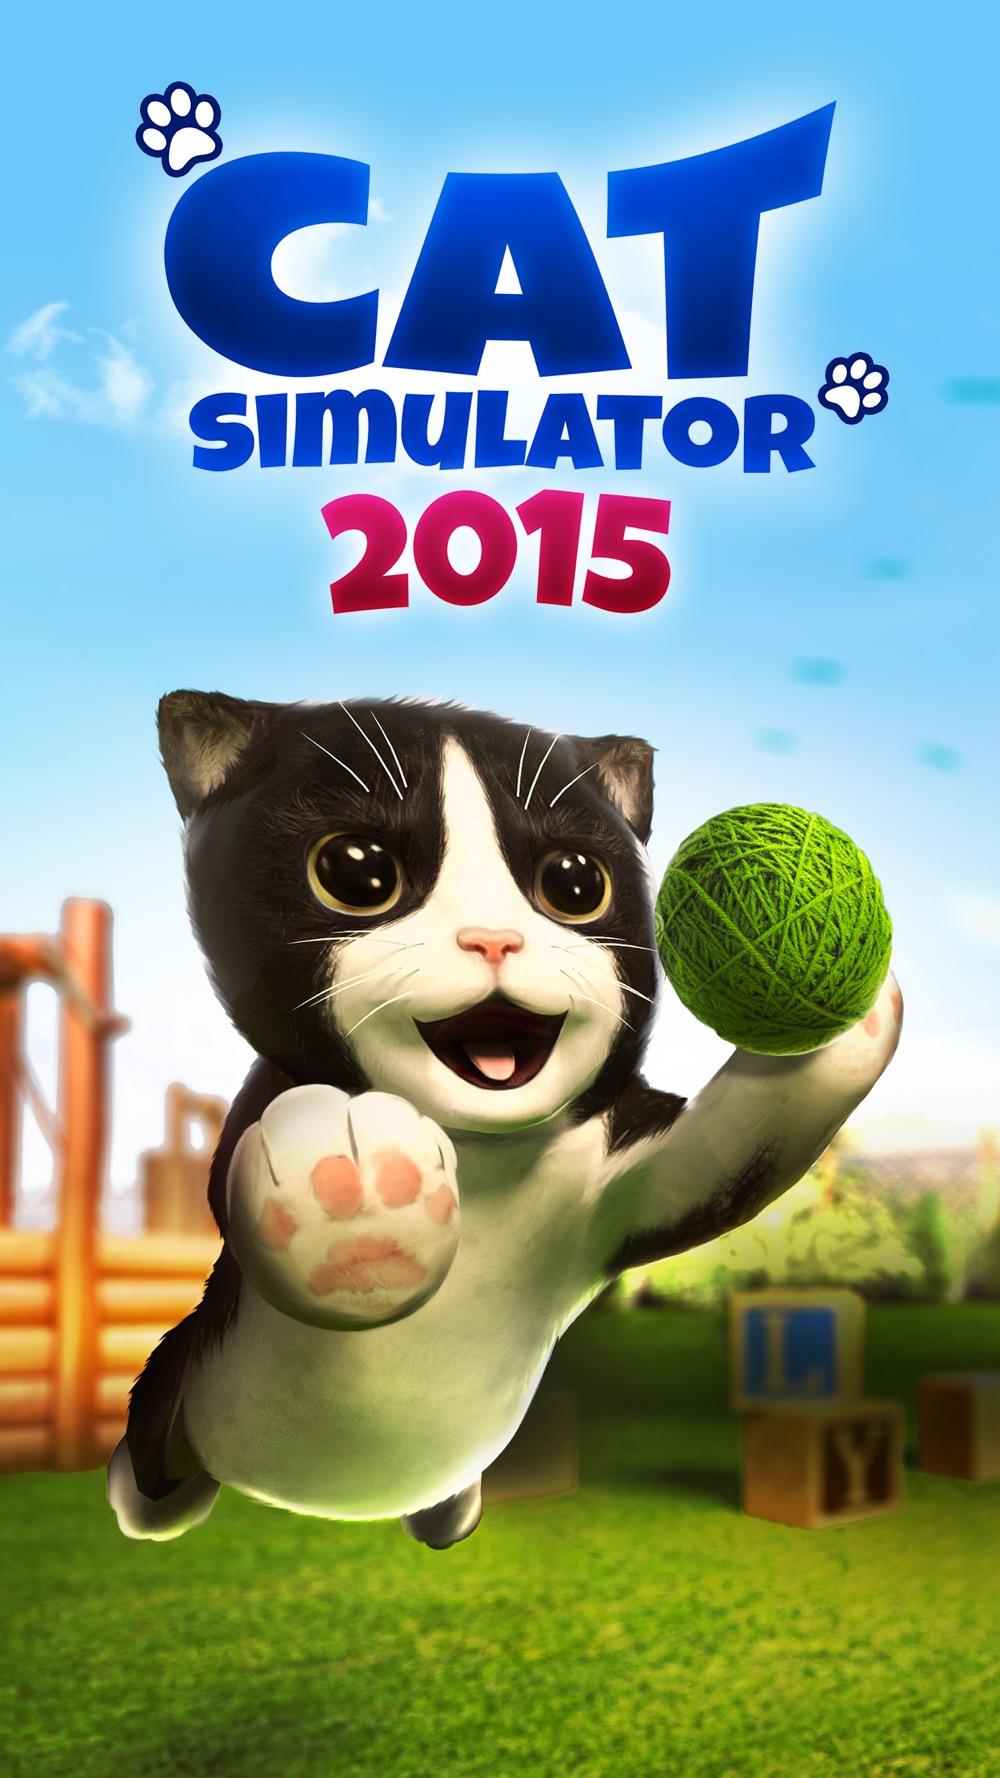 Cat Simulator 2015 Cheat Codes